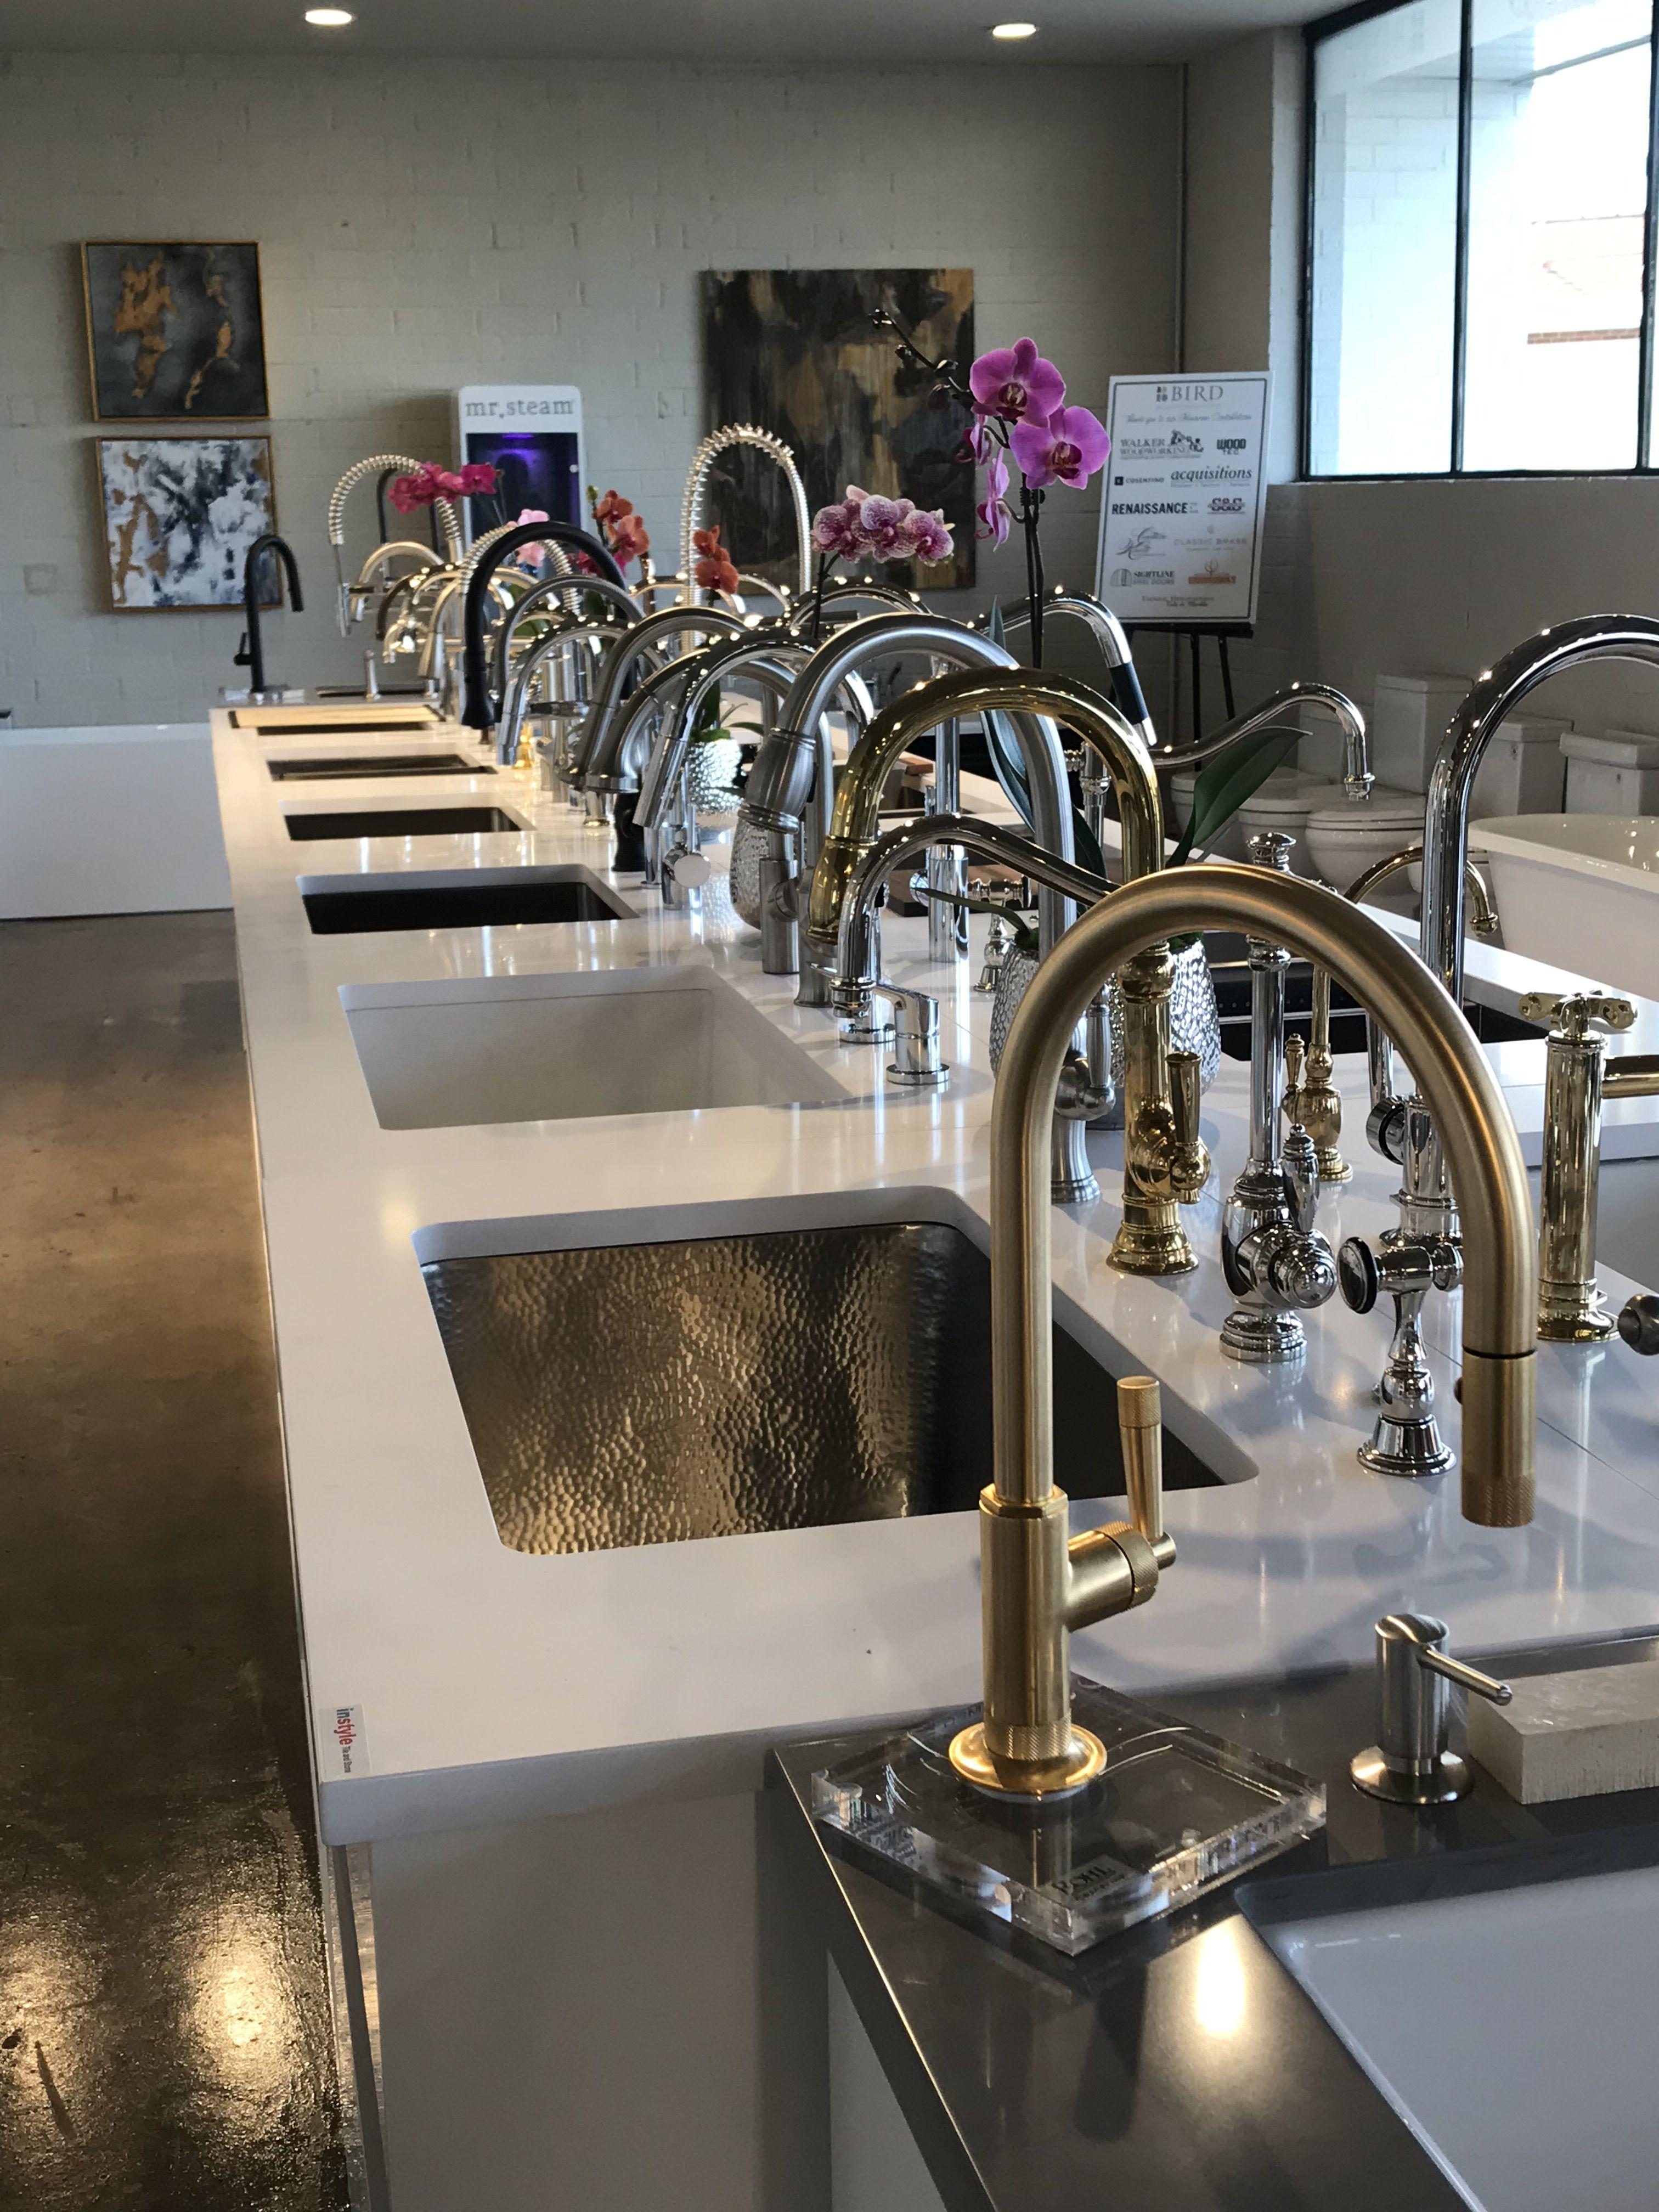 Kitchen Sink Display Shop Interior Design Showroom Design Kitchen Display